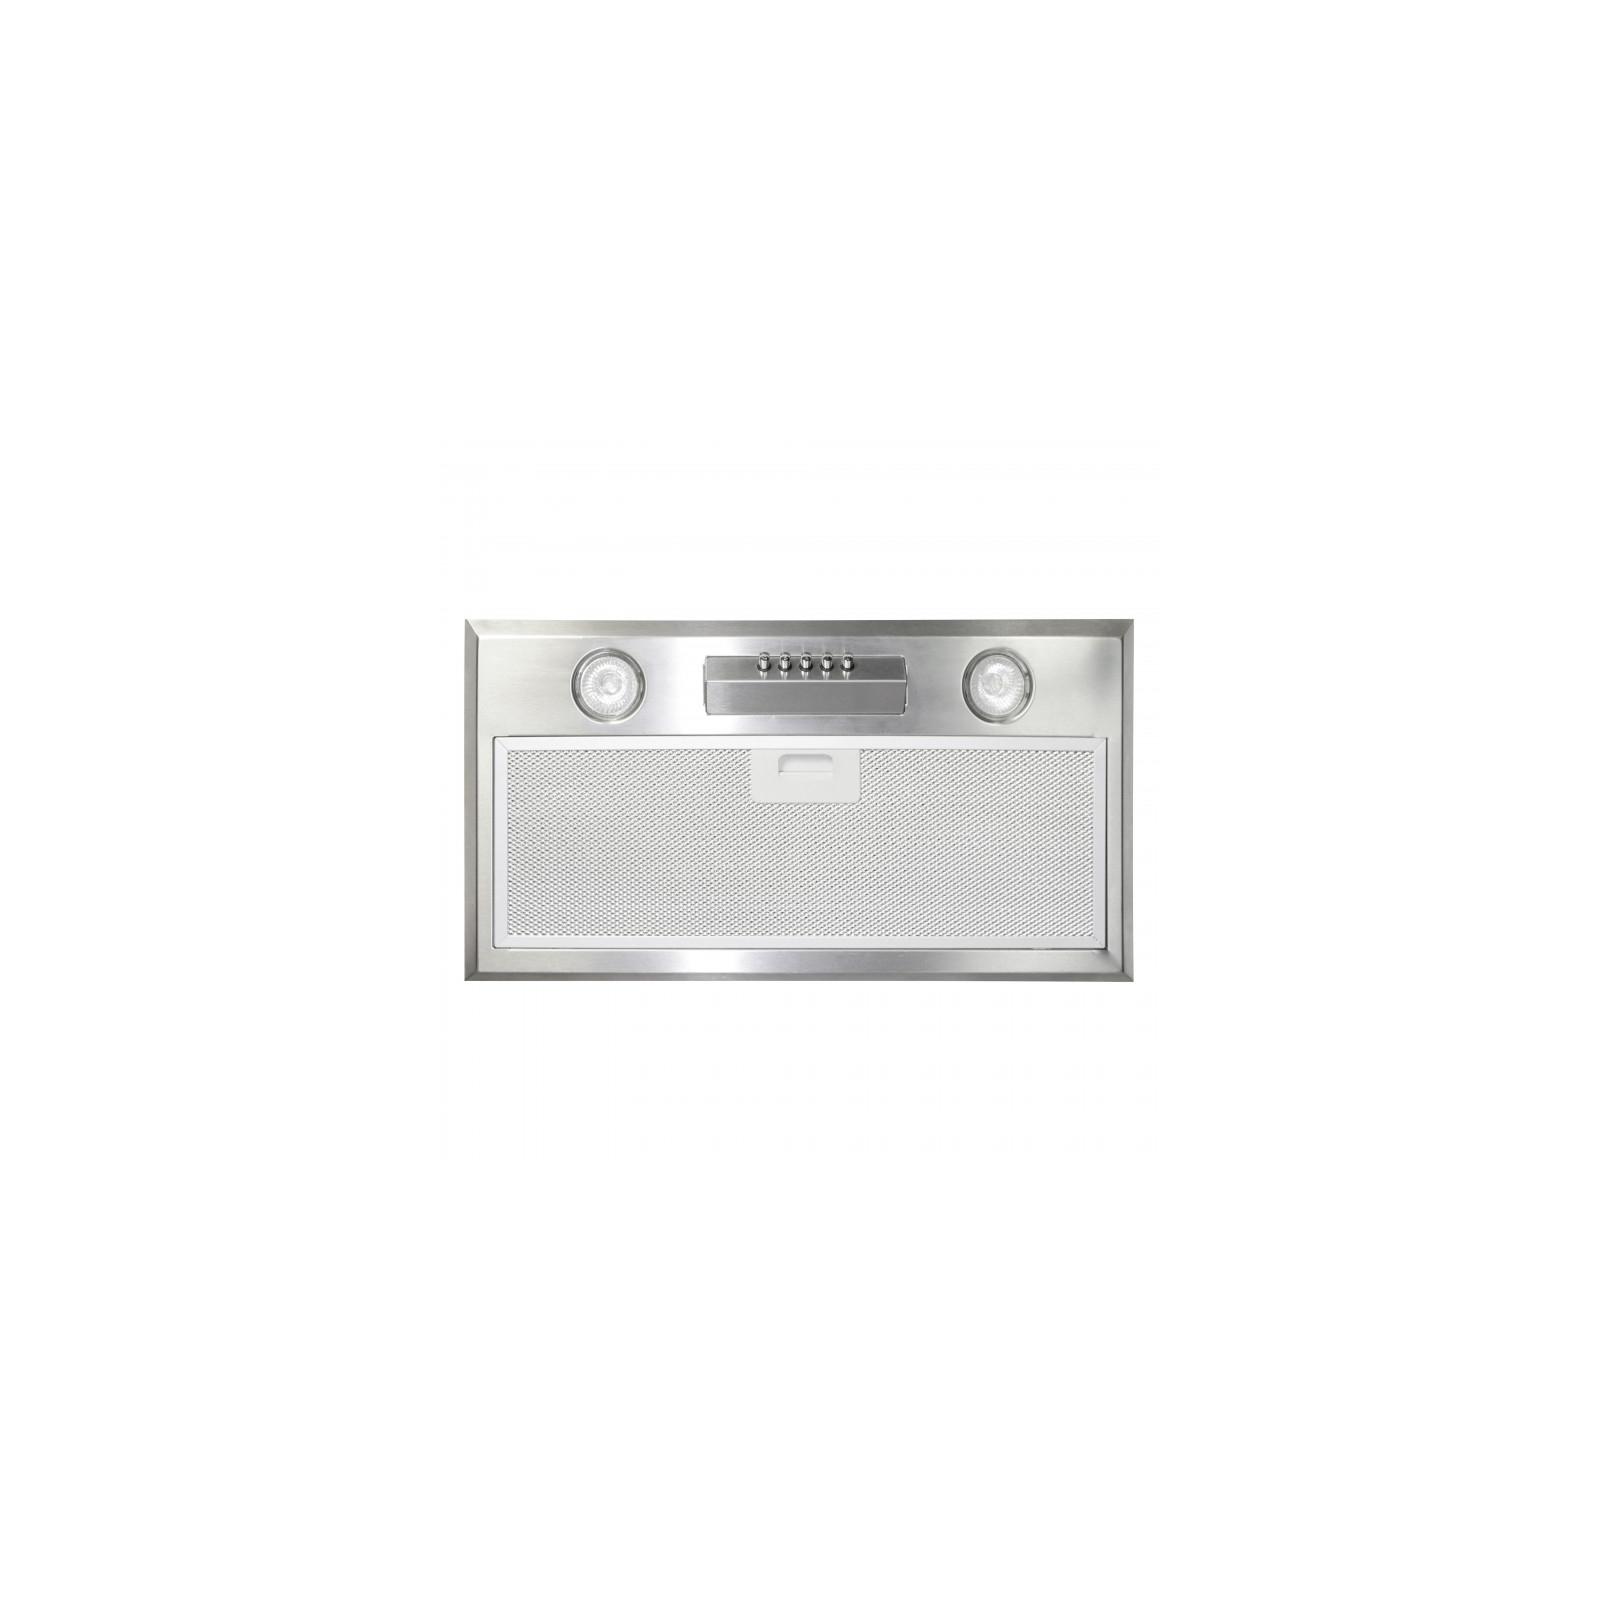 Вытяжка кухонная Eleyus Modul 700 52 IS изображение 6